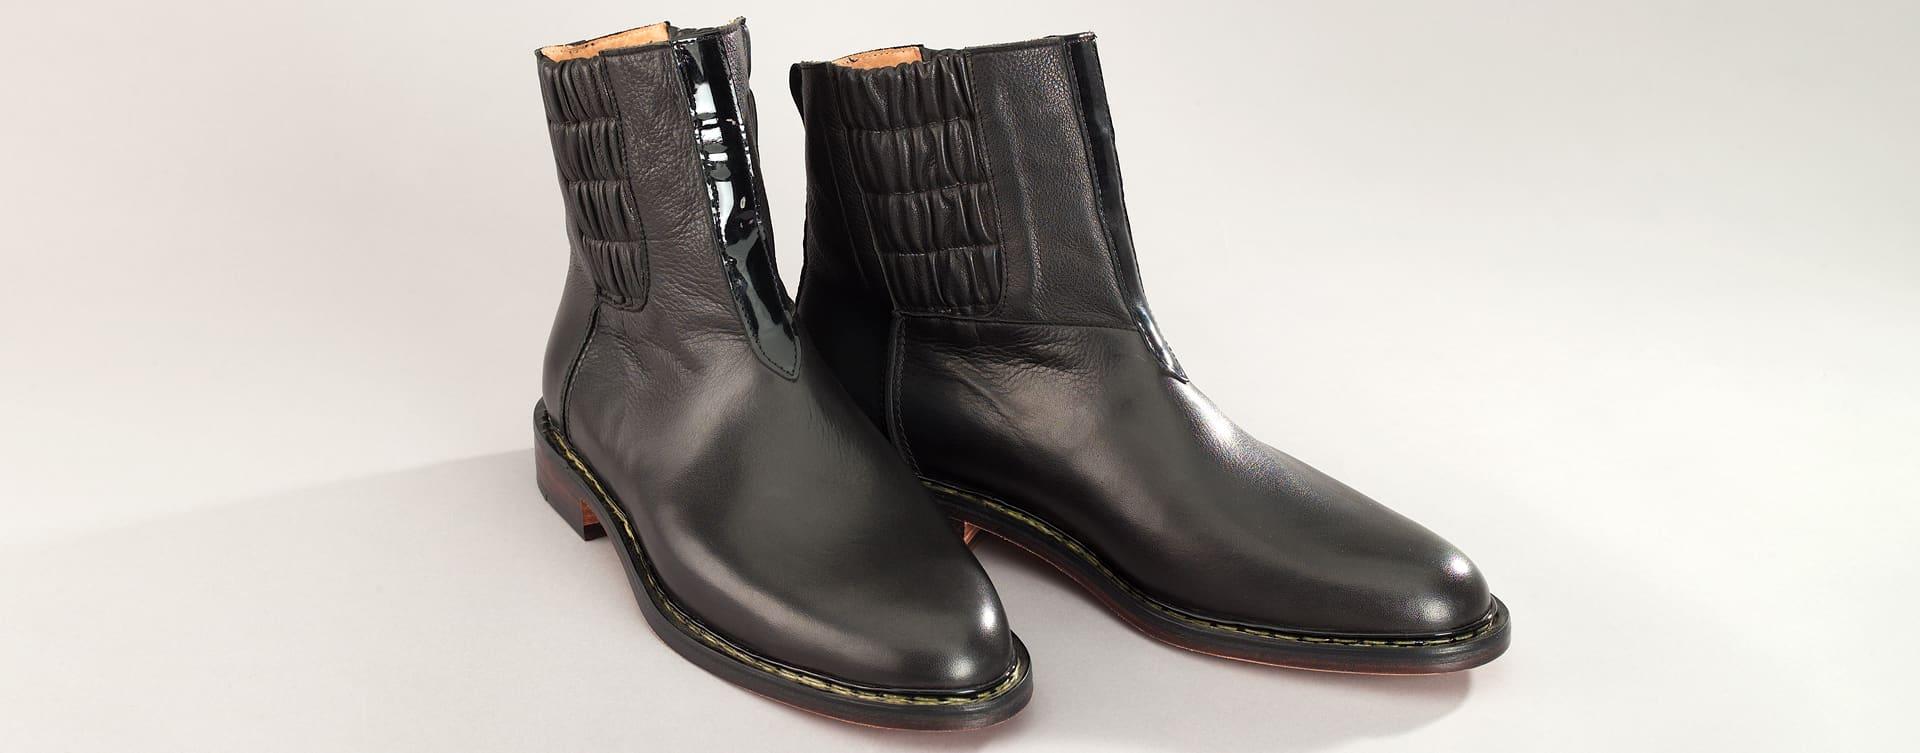 Das Design des Pull-Up ist vom Jodhpur-Stiefel inspiriert, wie er von britischen Reitverbänden in Indien getragen wurde.